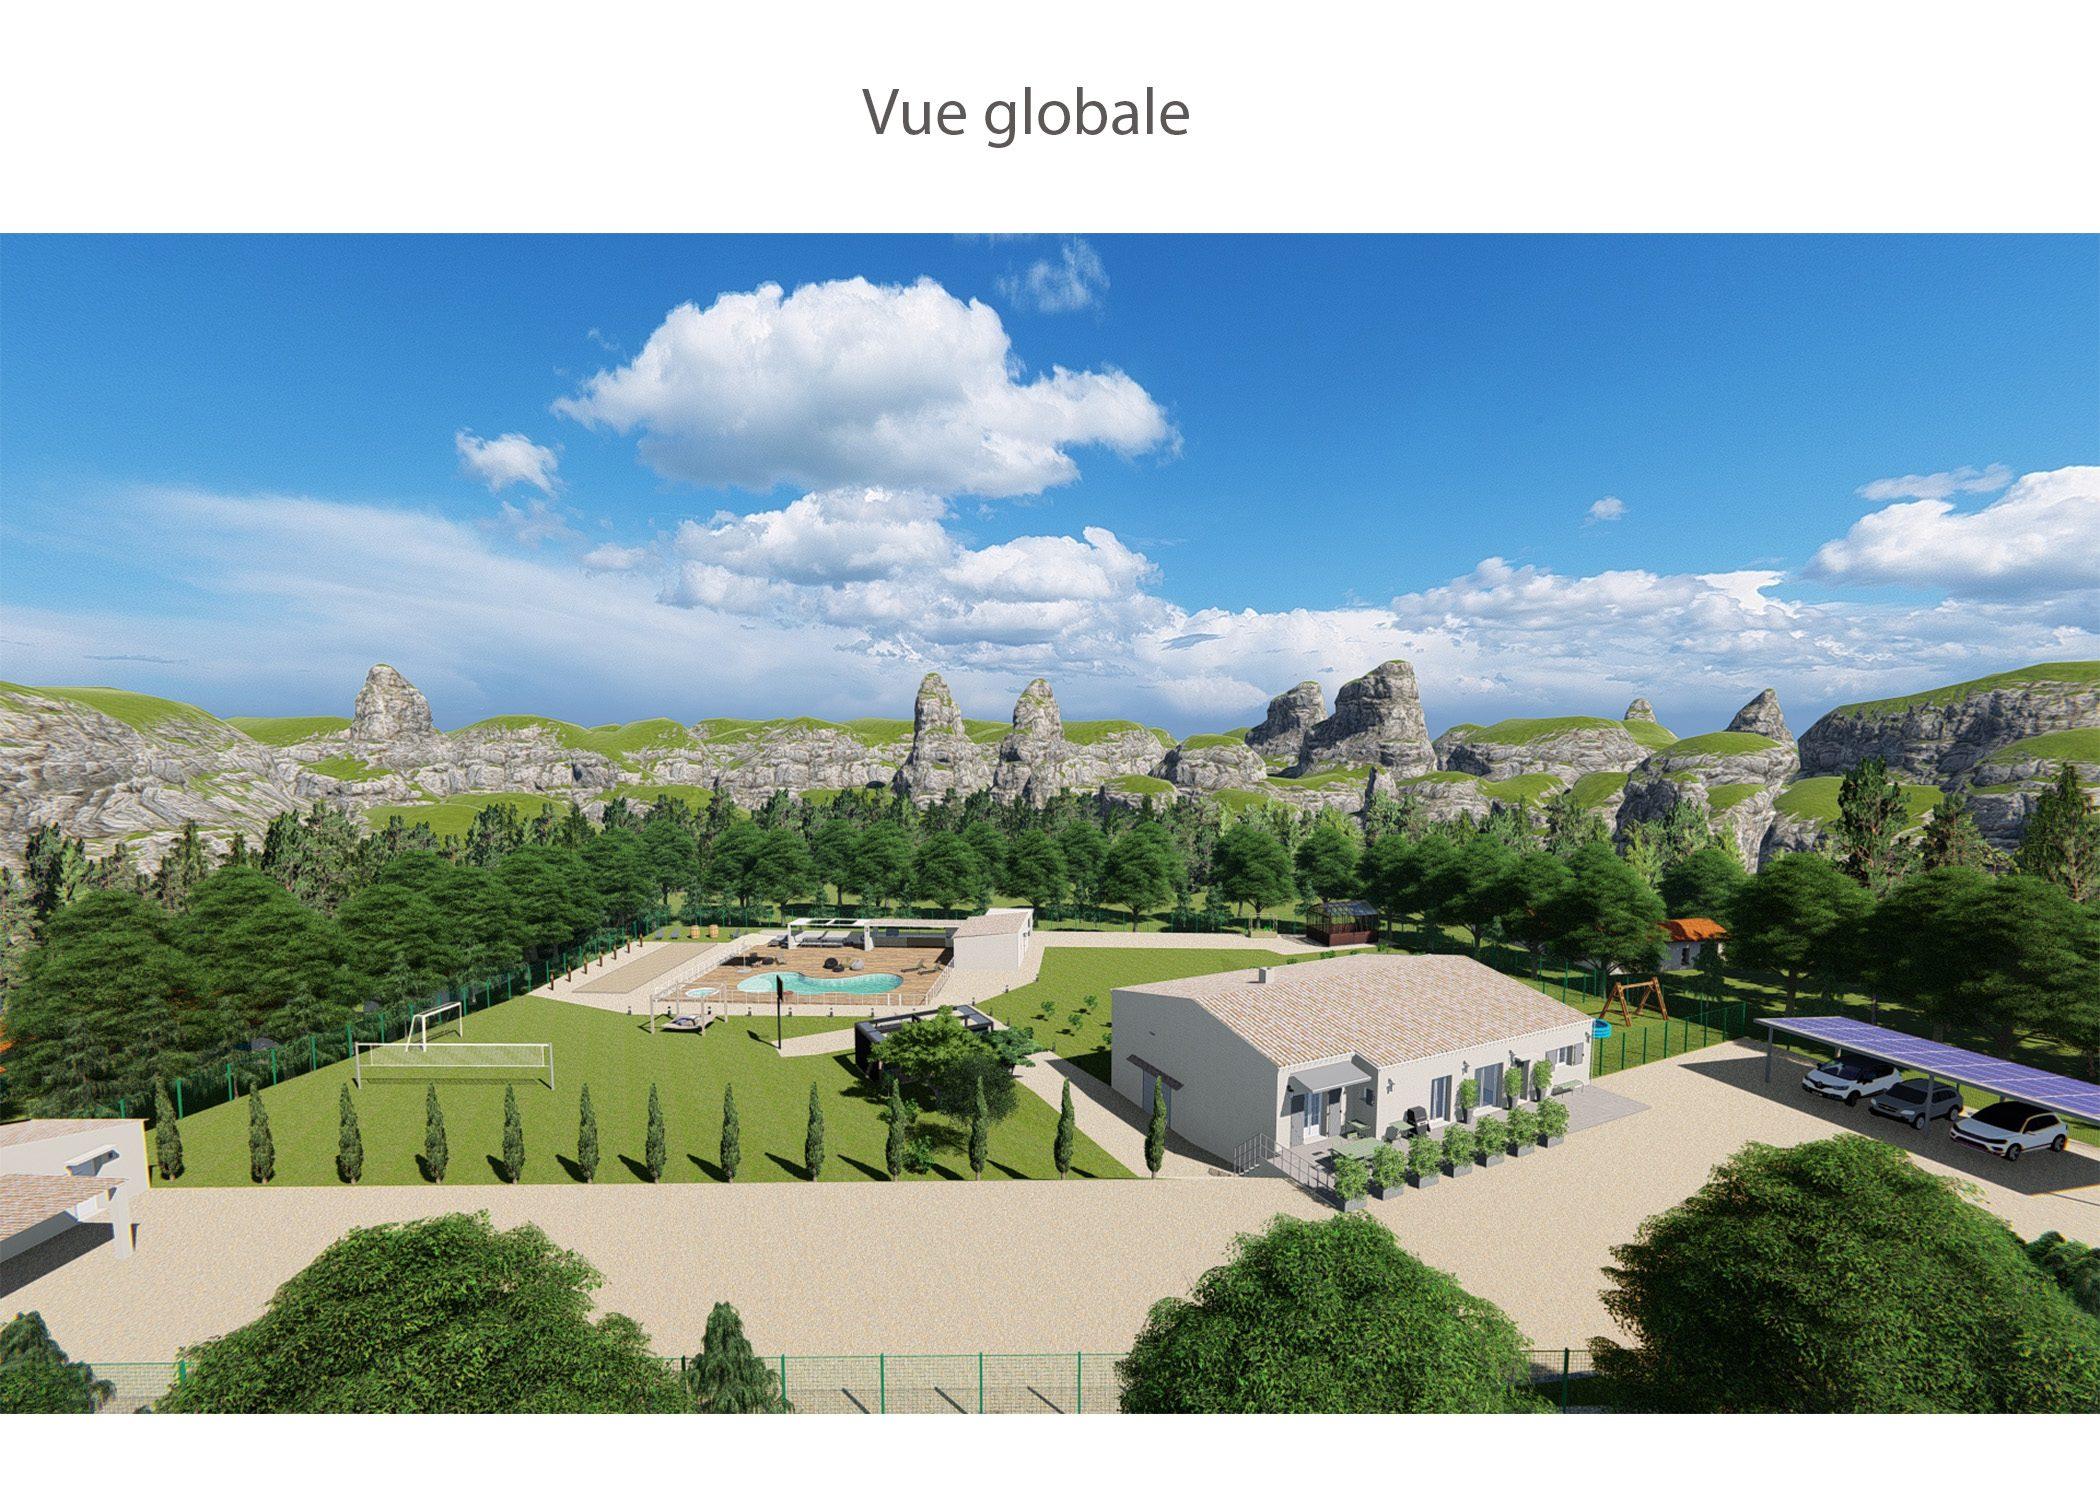 agencement terrain fuveau-espace exterieur-vue globale-dekho design